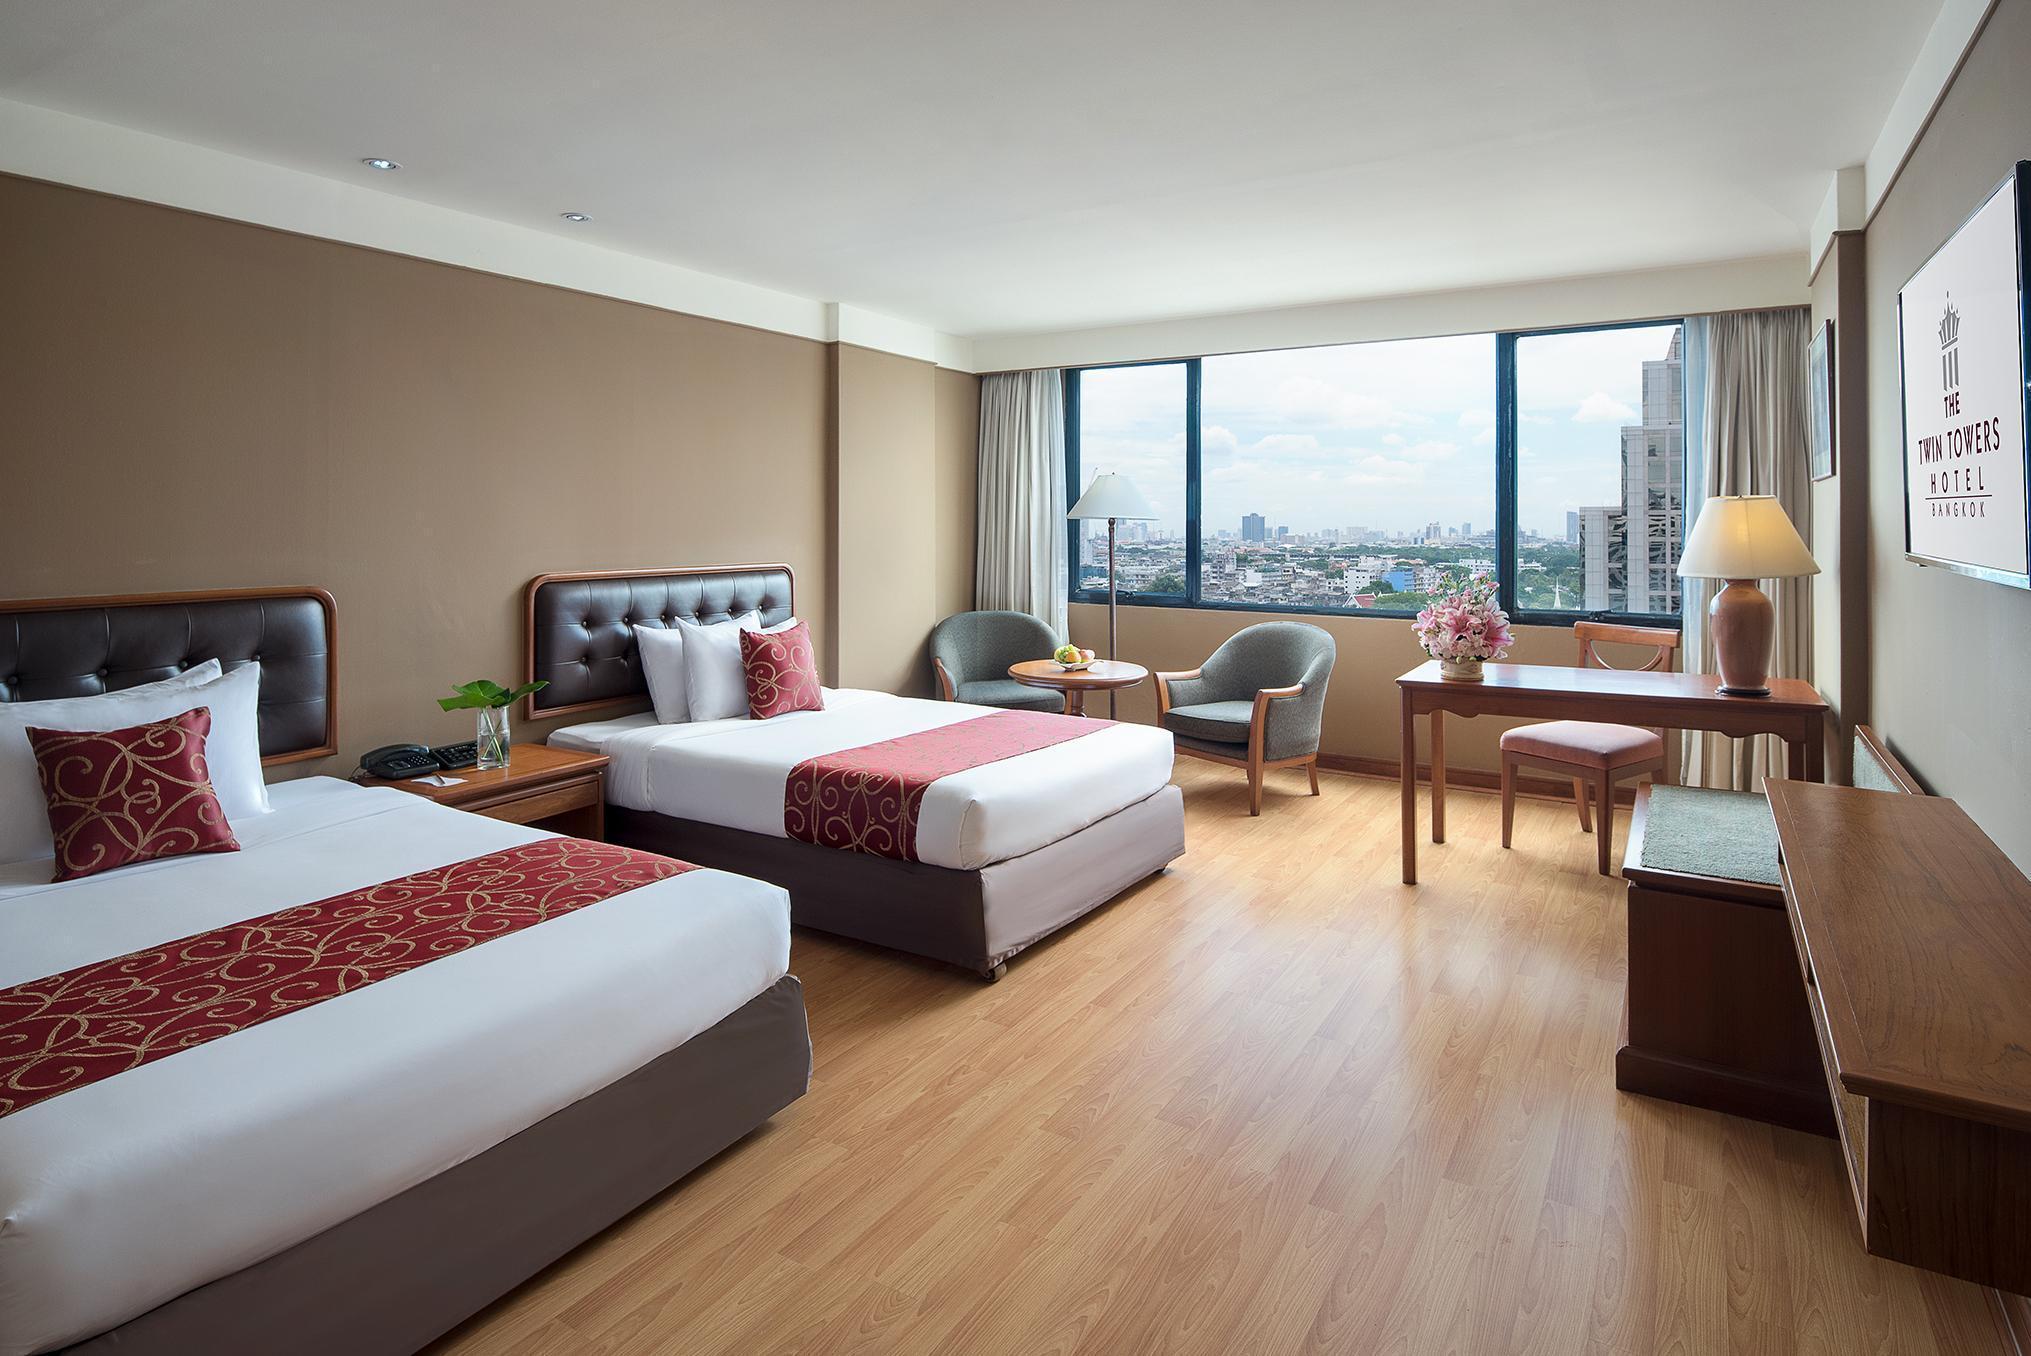 Twin Towers Hotel โรงแรมทวิน ทาวเวอร์